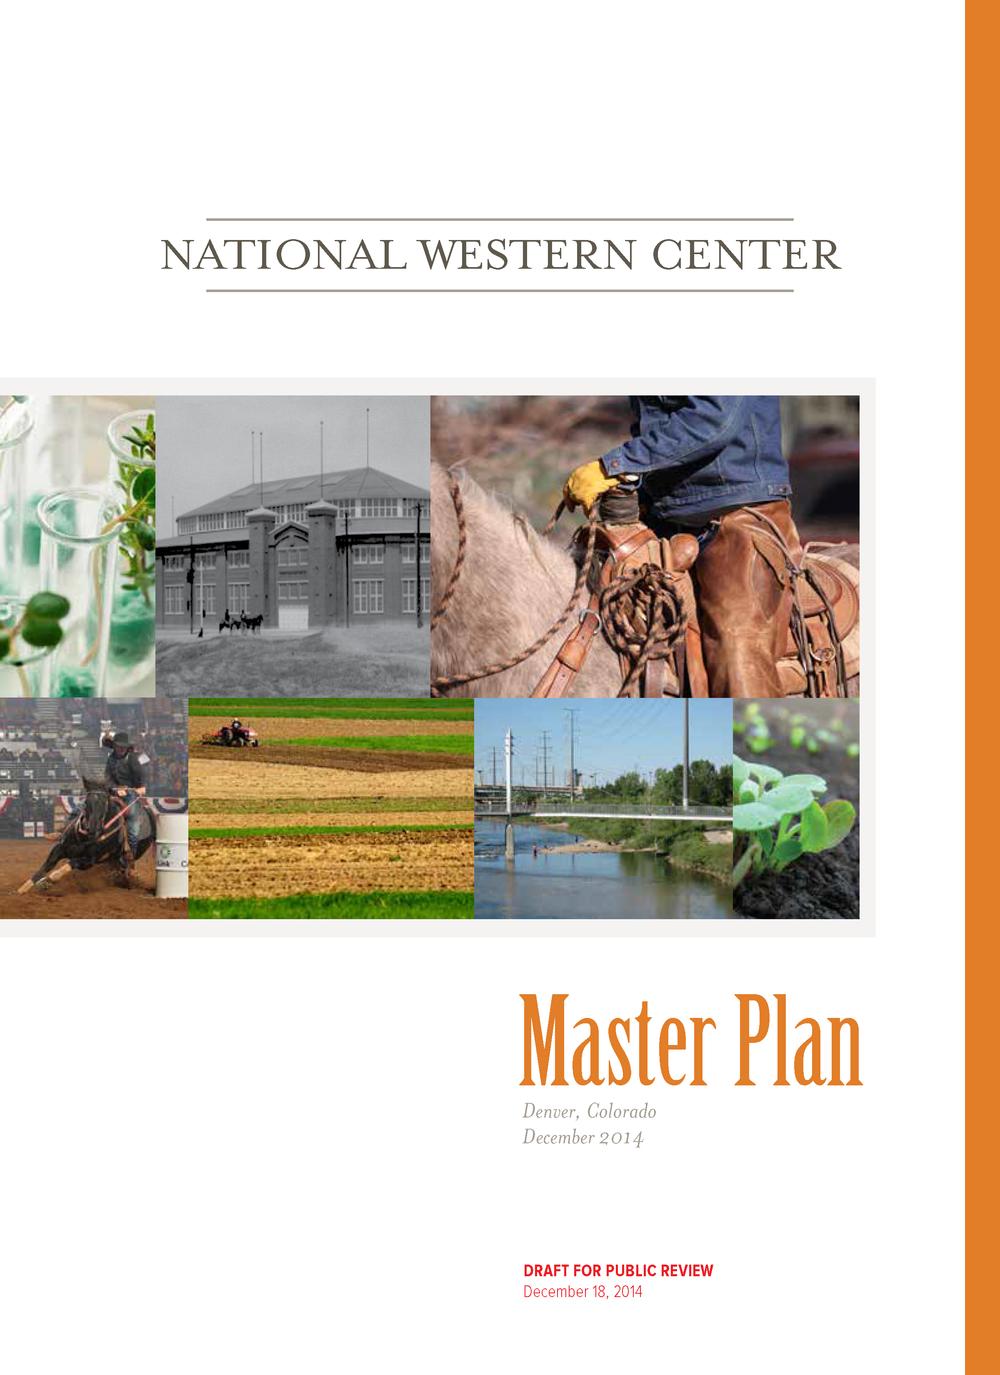 NWC Master Plan